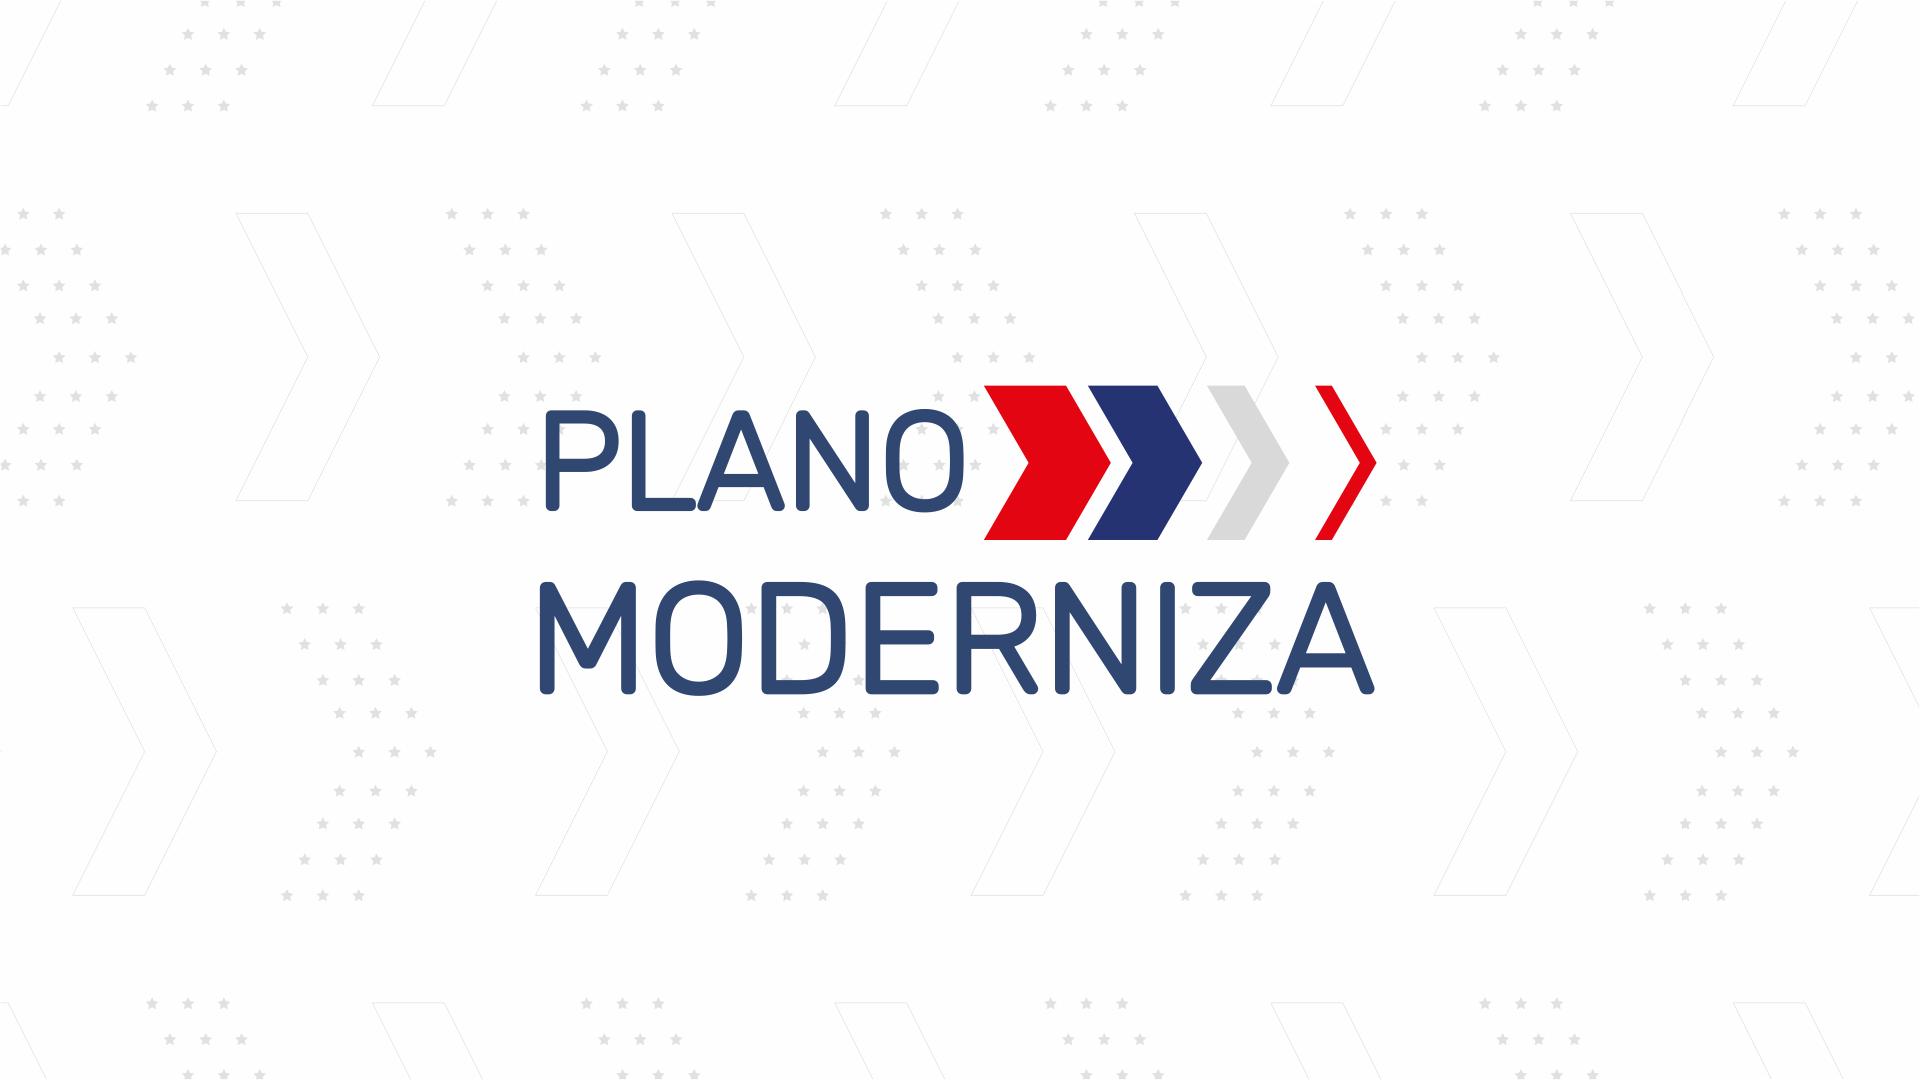 Documento de autorização de implementação das ações do Plano Moderniza.